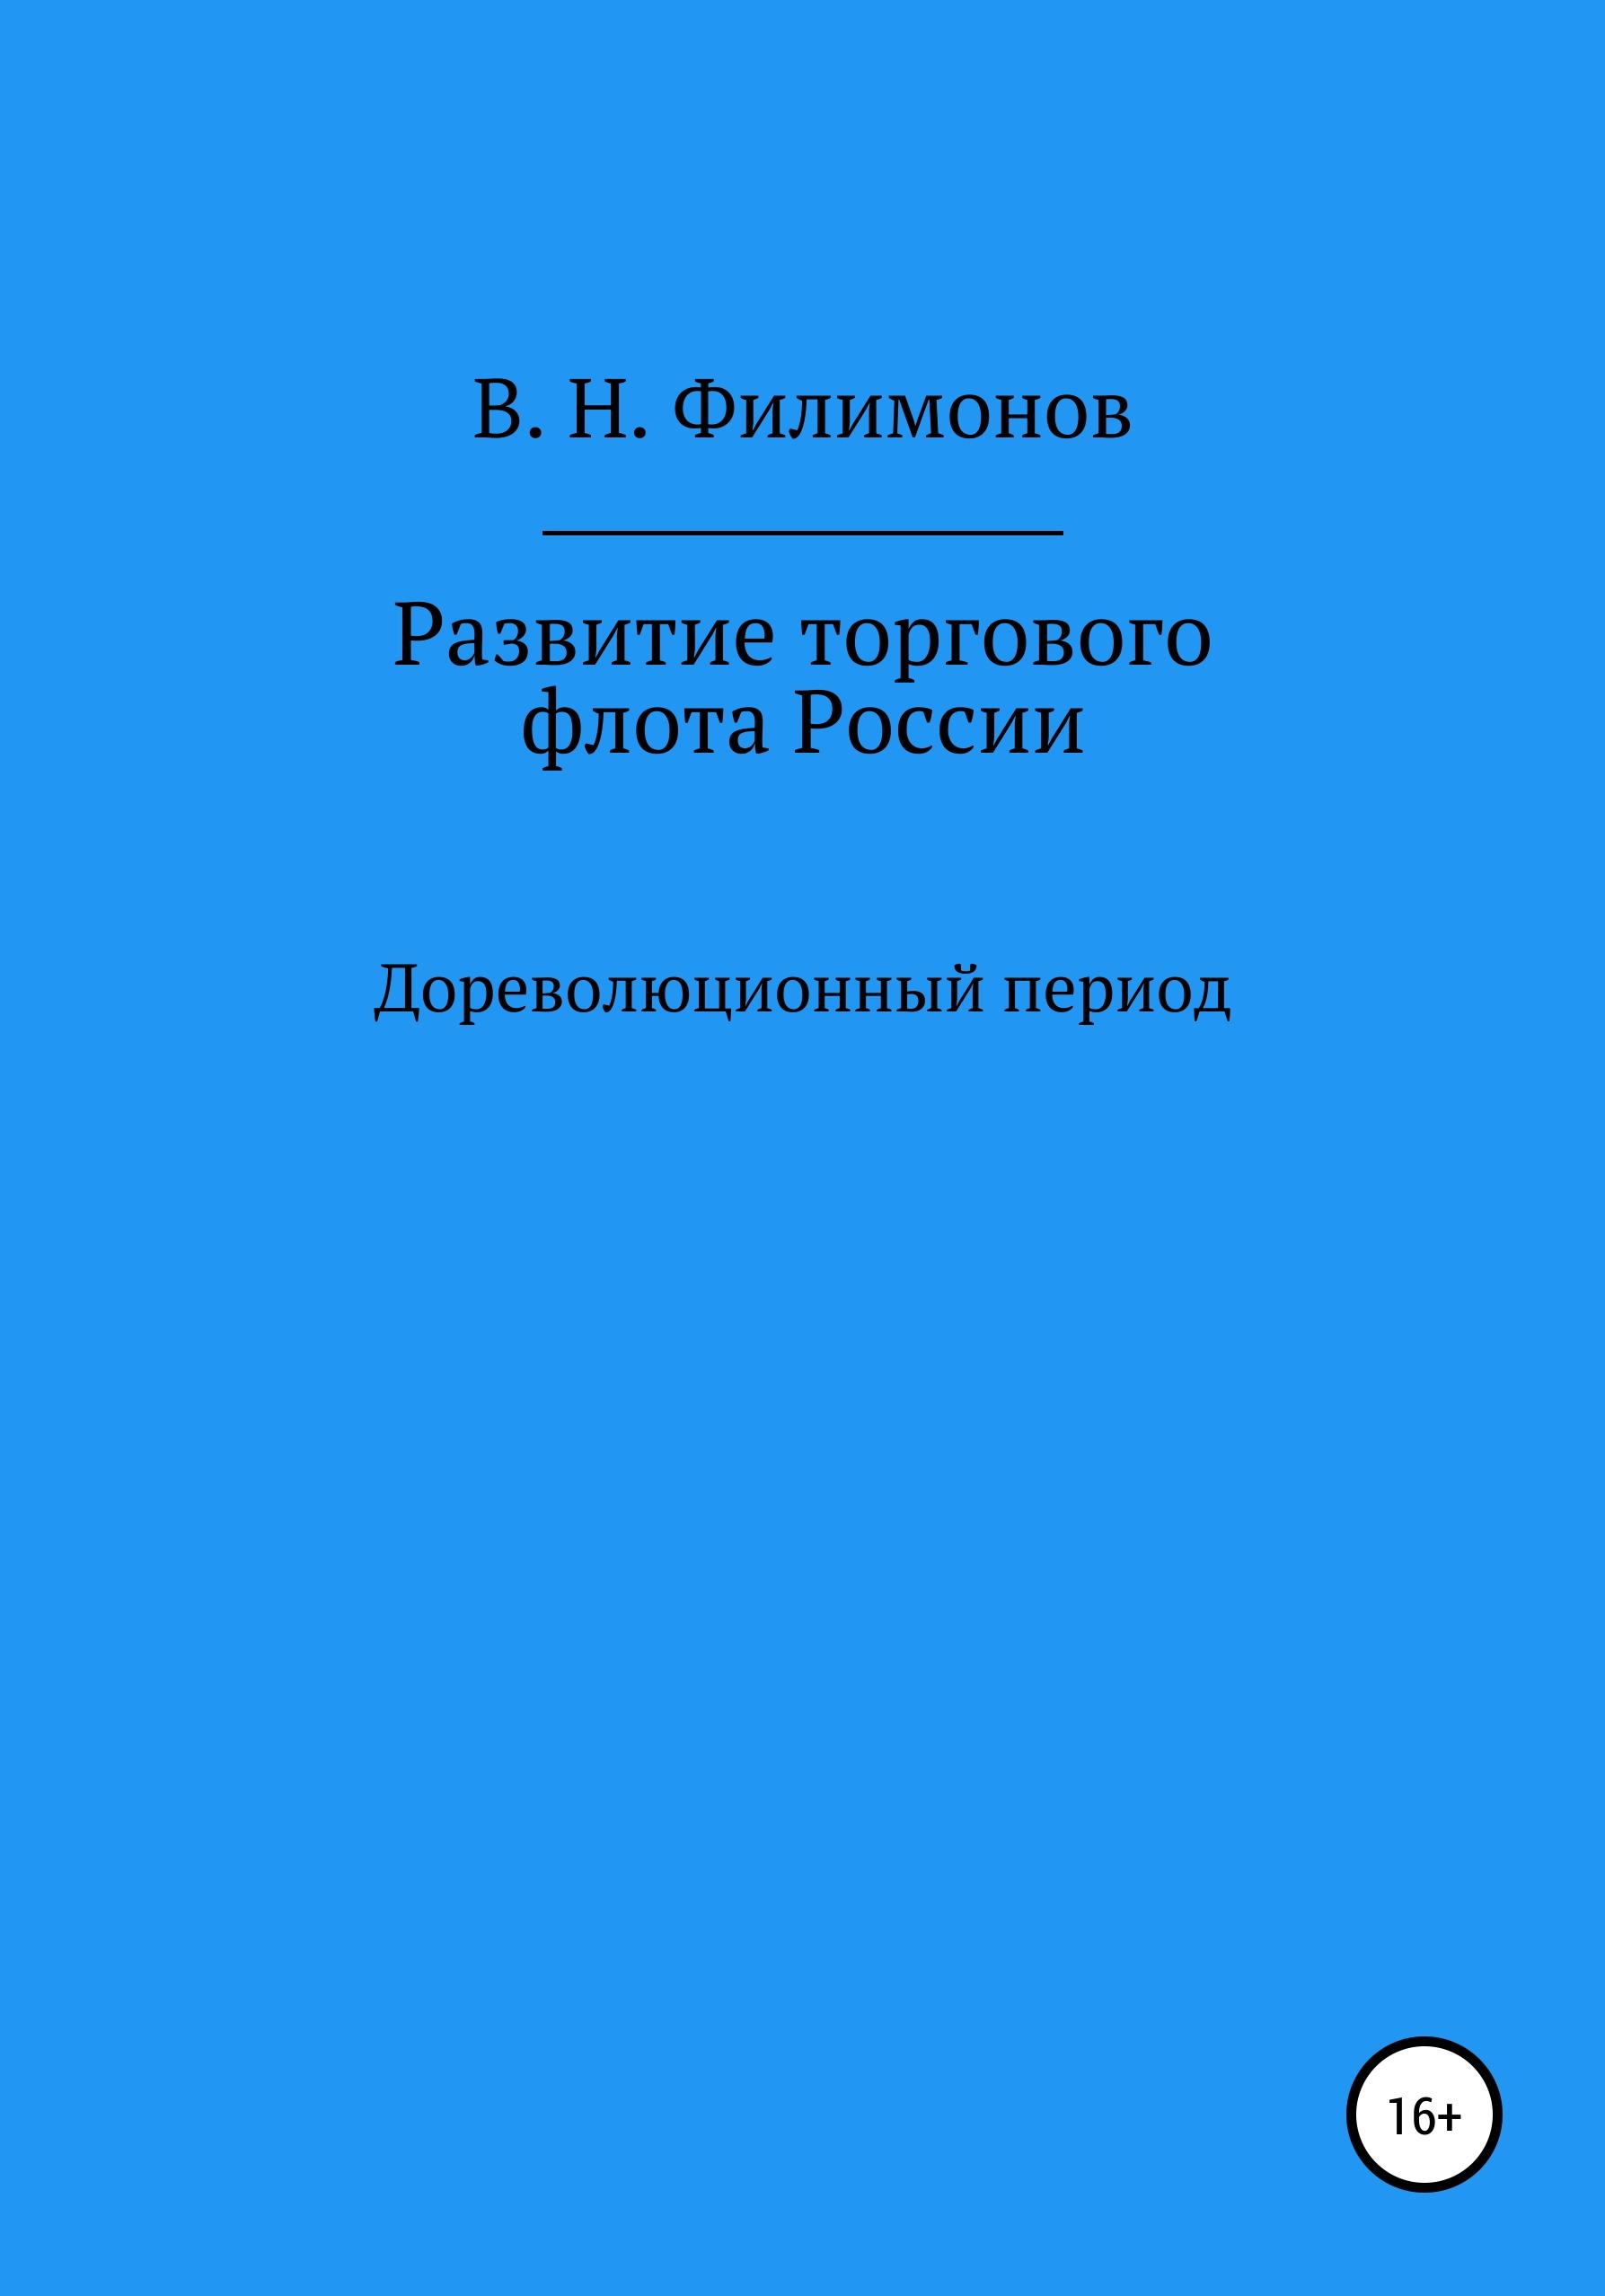 Развитие торгового флота России